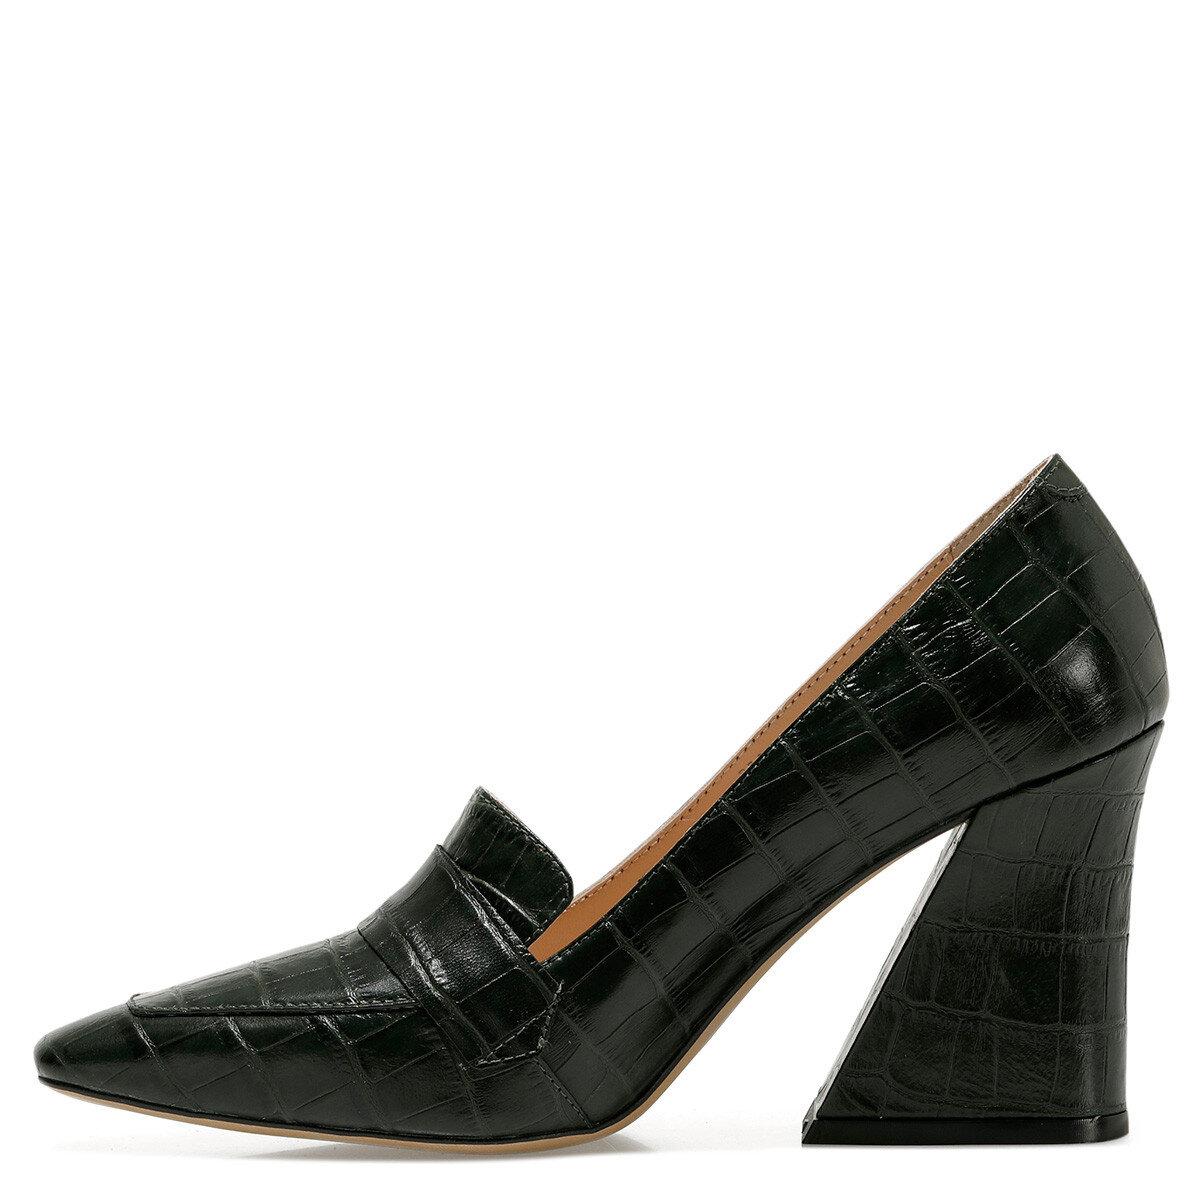 MALITTA Yeşil Kadın Gova Ayakkabı